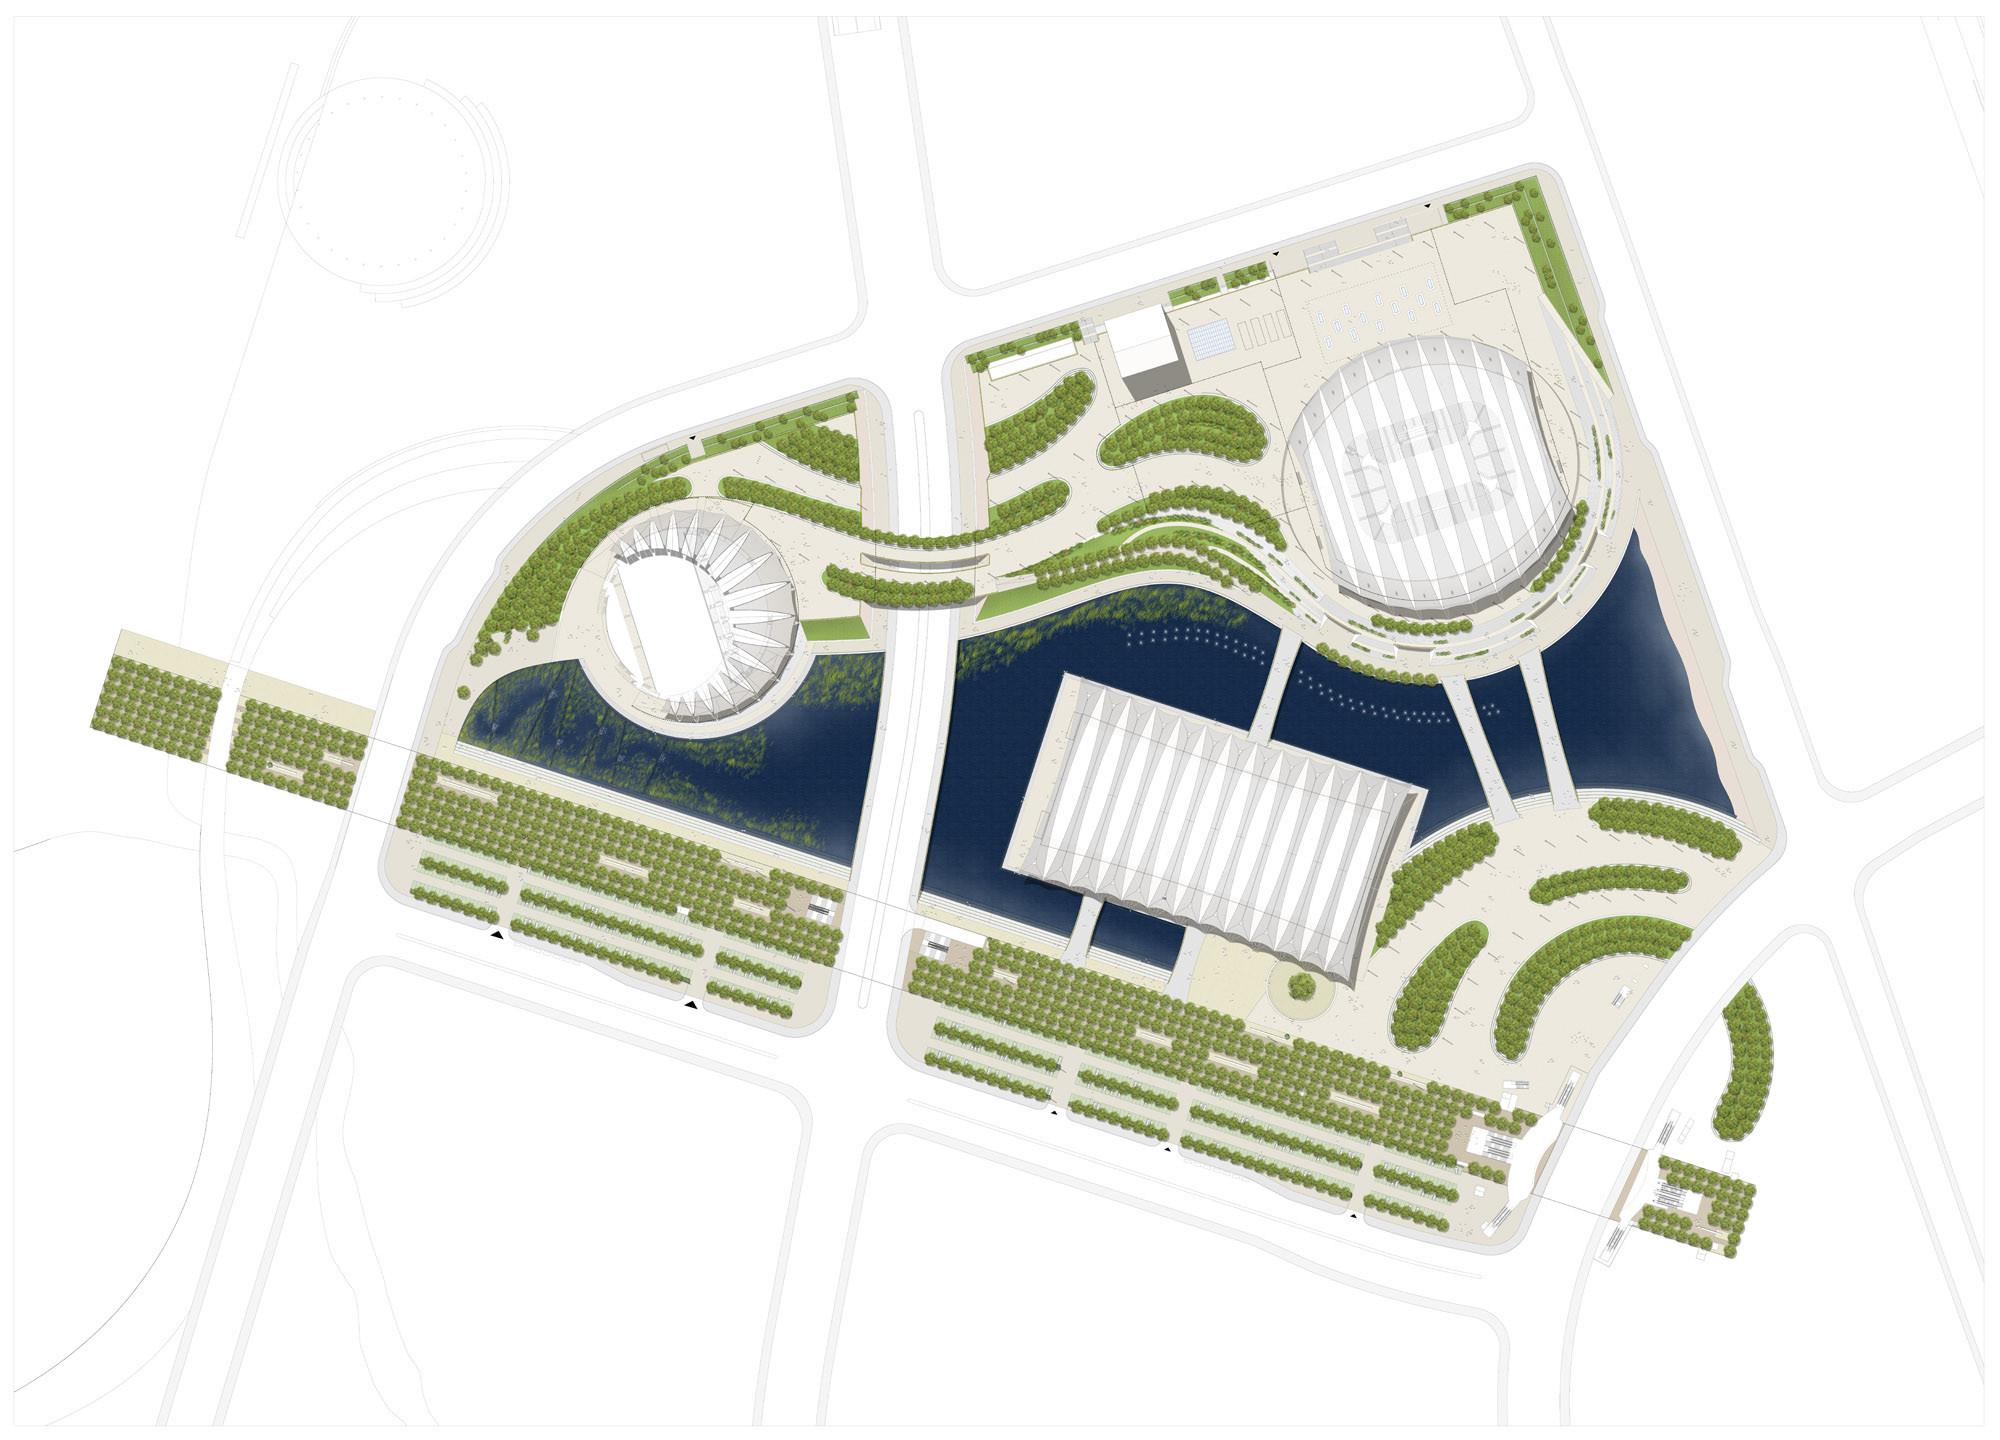 Gallery Of Shanghai Oriental Sports Center Gmp Architekten 11